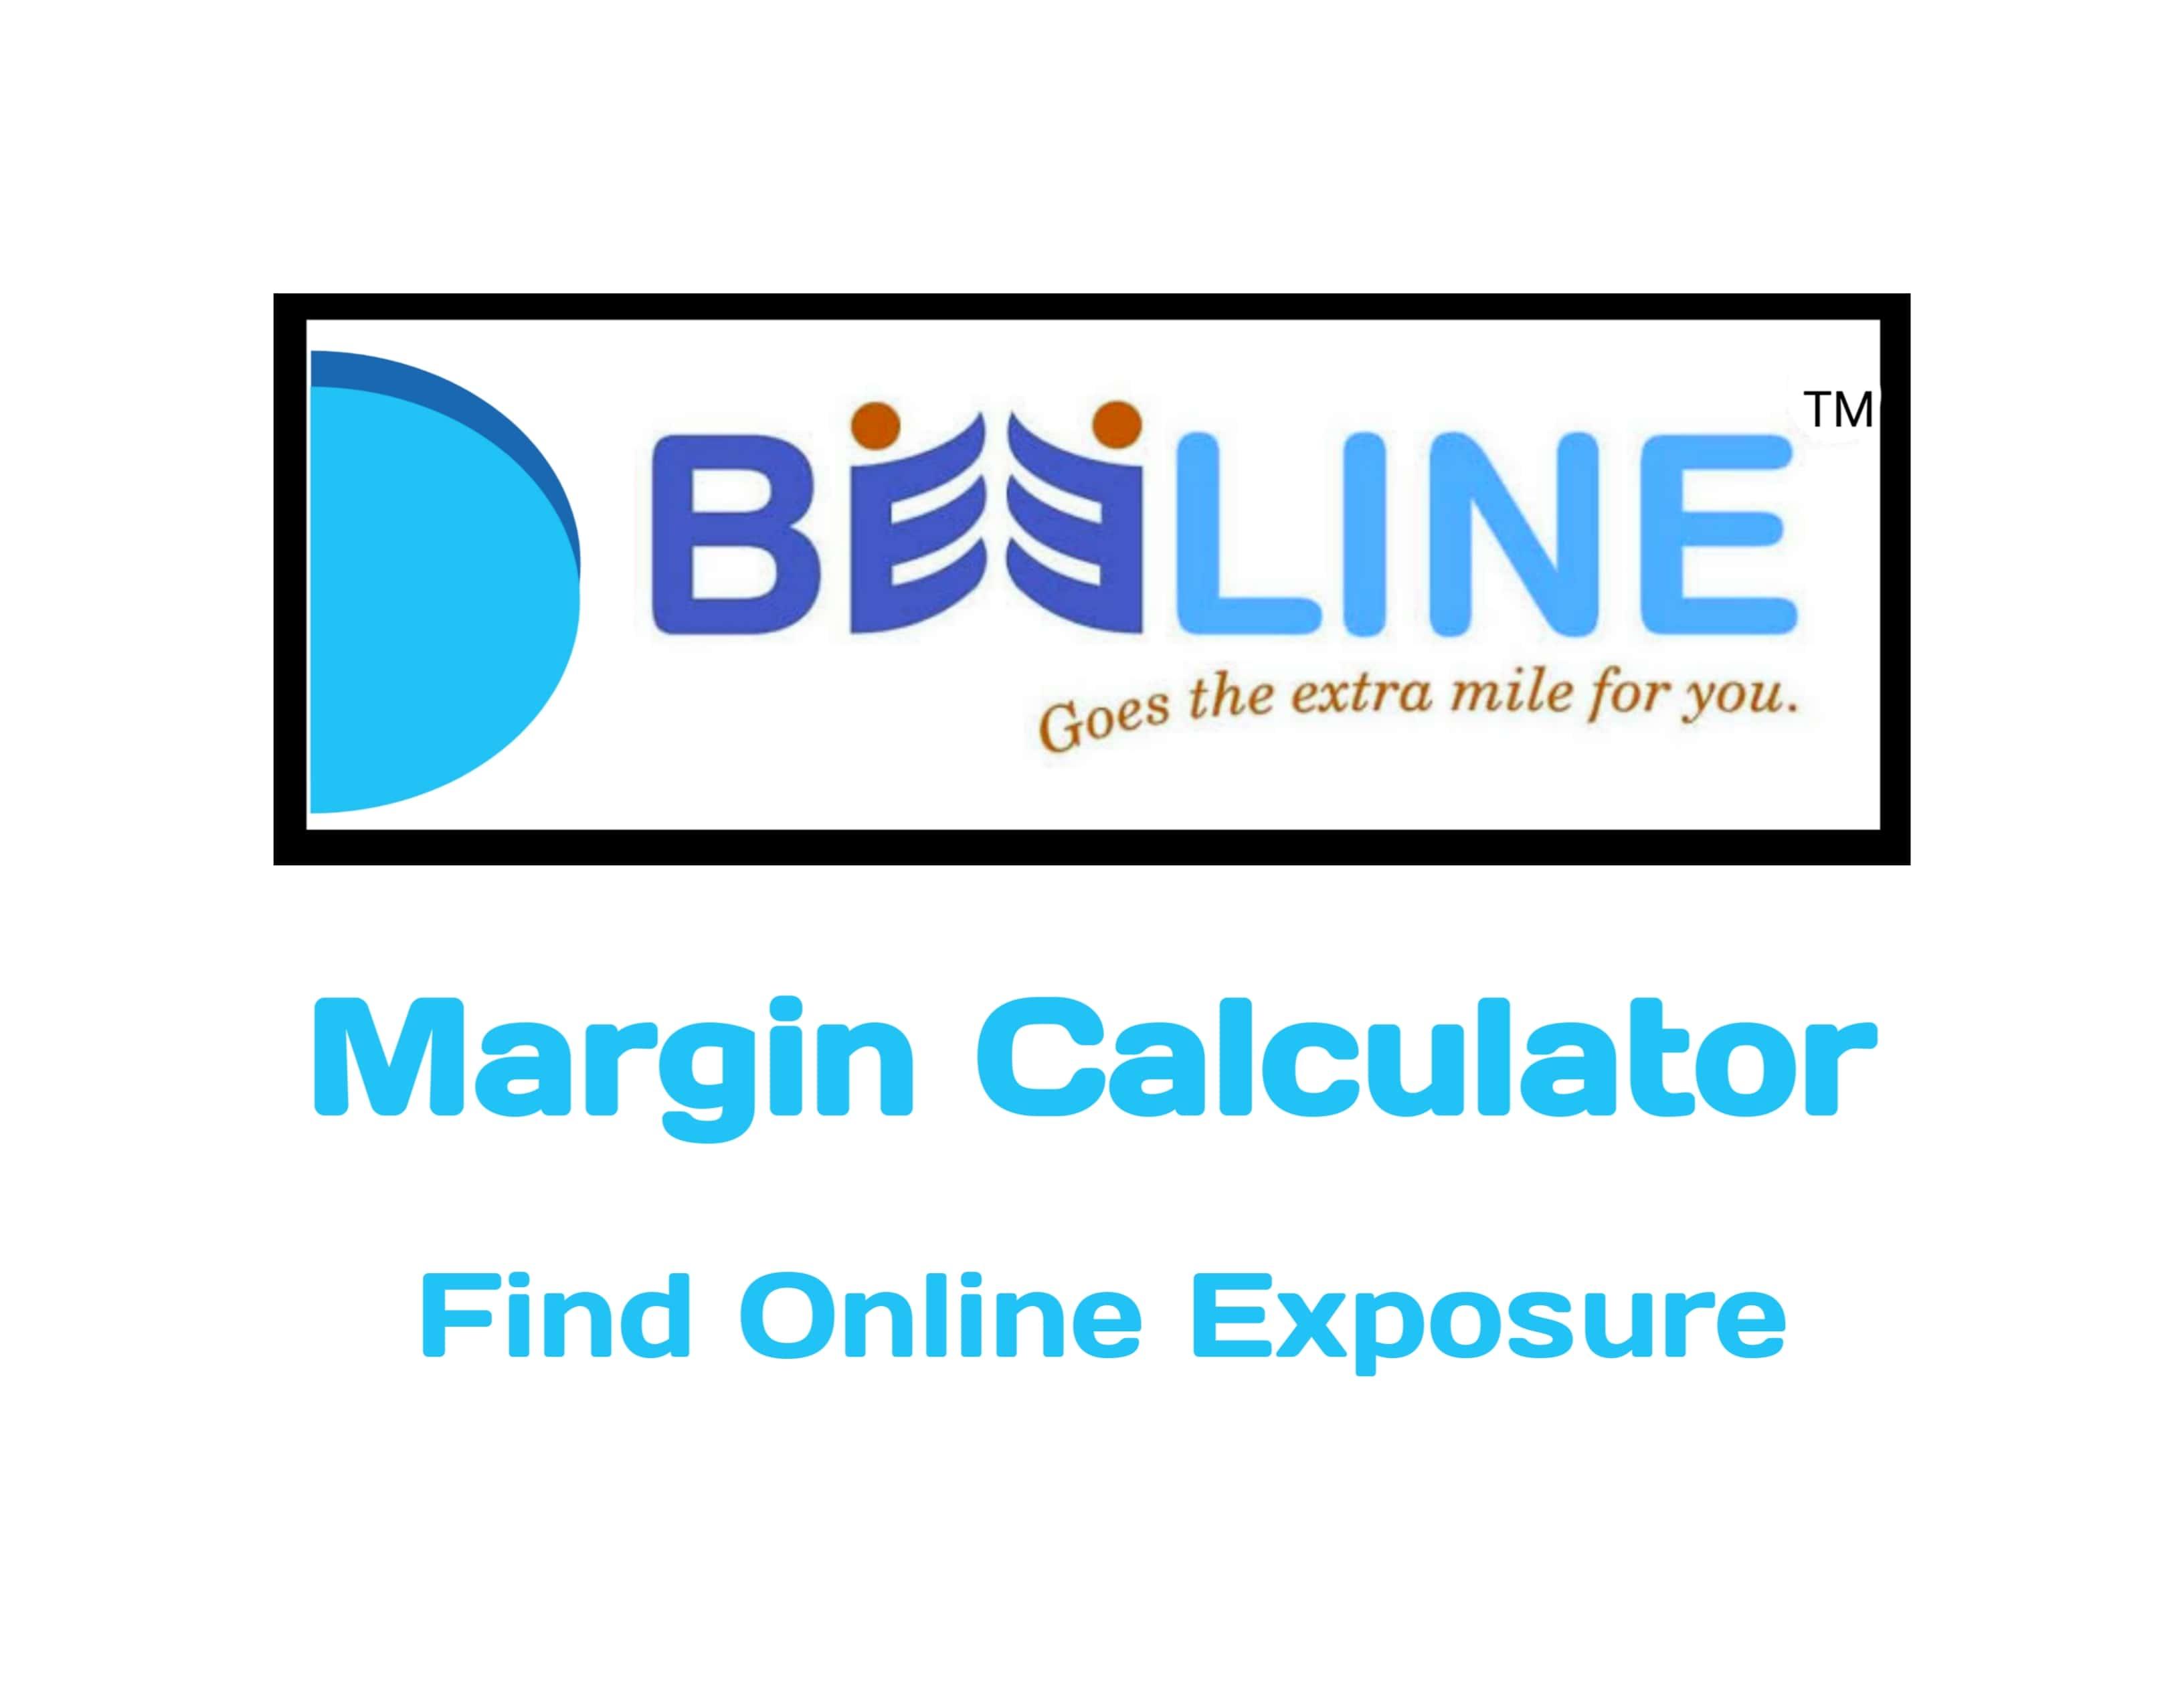 Beeline Securities Margin Calculator